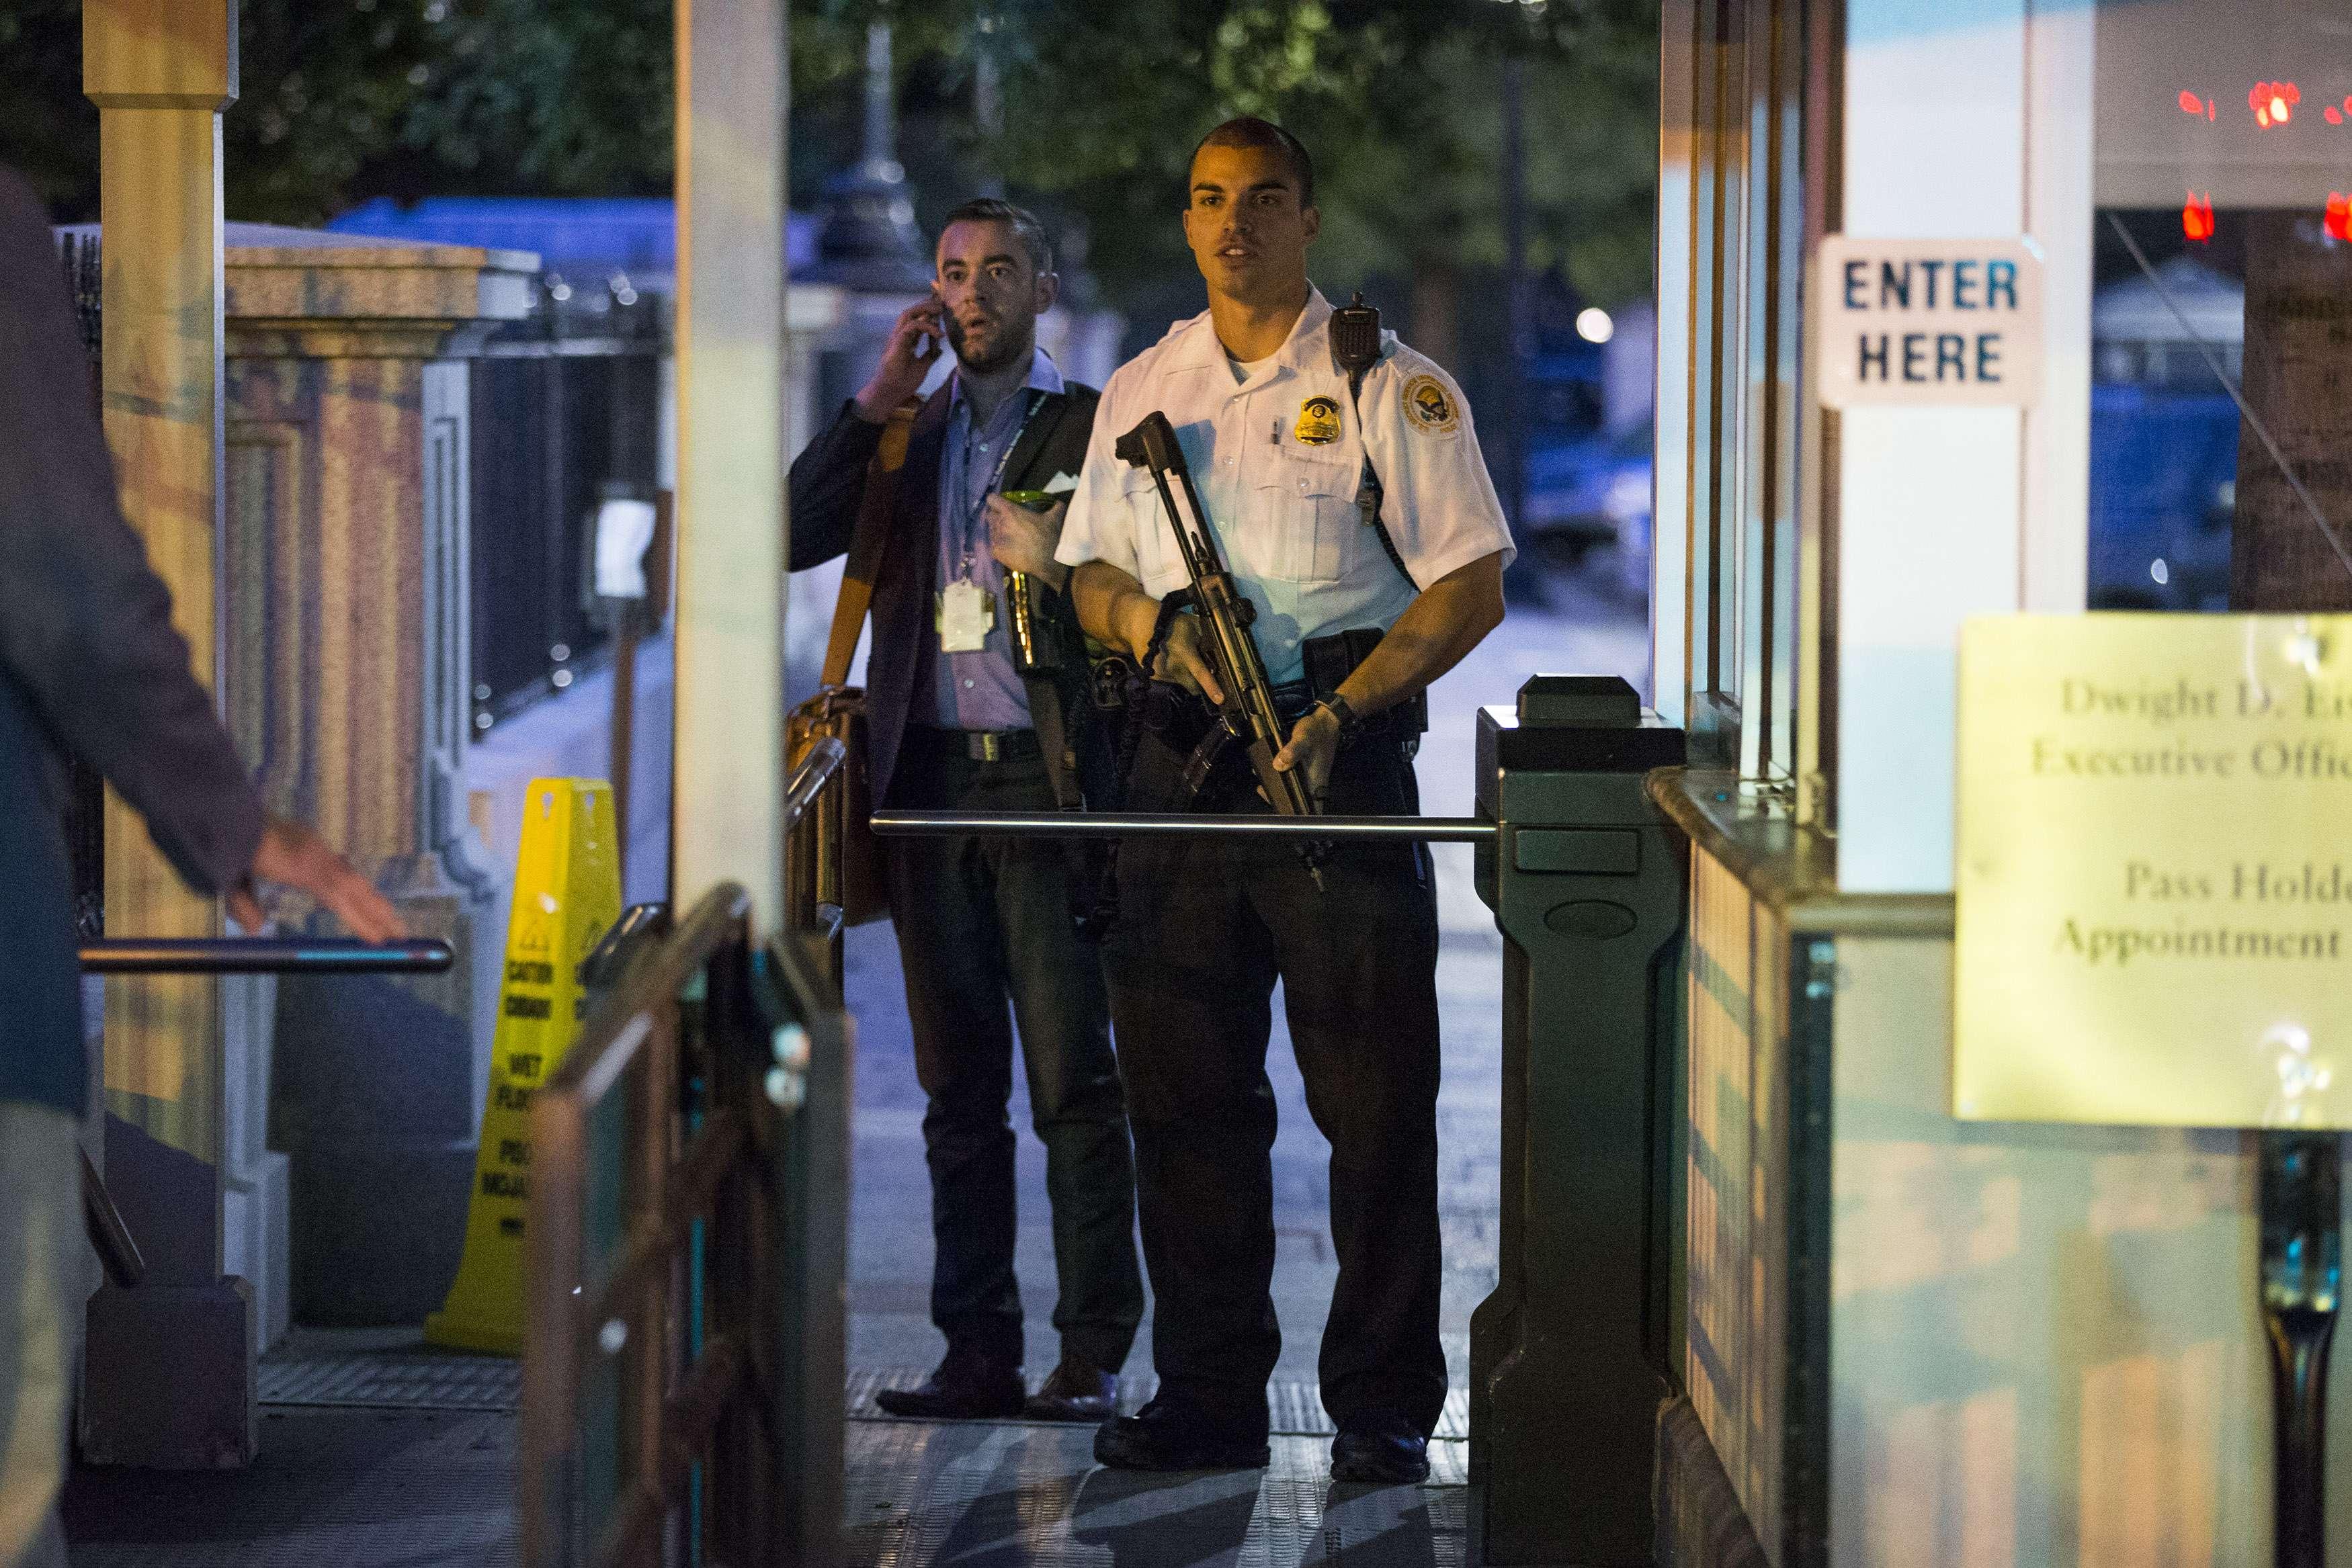 Un agente del Servicio Secreto carga su arma mientras vigila una entrada a la Casa Blanca durante un desalojo efectuado minutos después que el presidente Barack Obama partió rumbo a Camp David a bordo de un helicóptero el viernes 19 de septiembre de 2014. Foto: AP en español